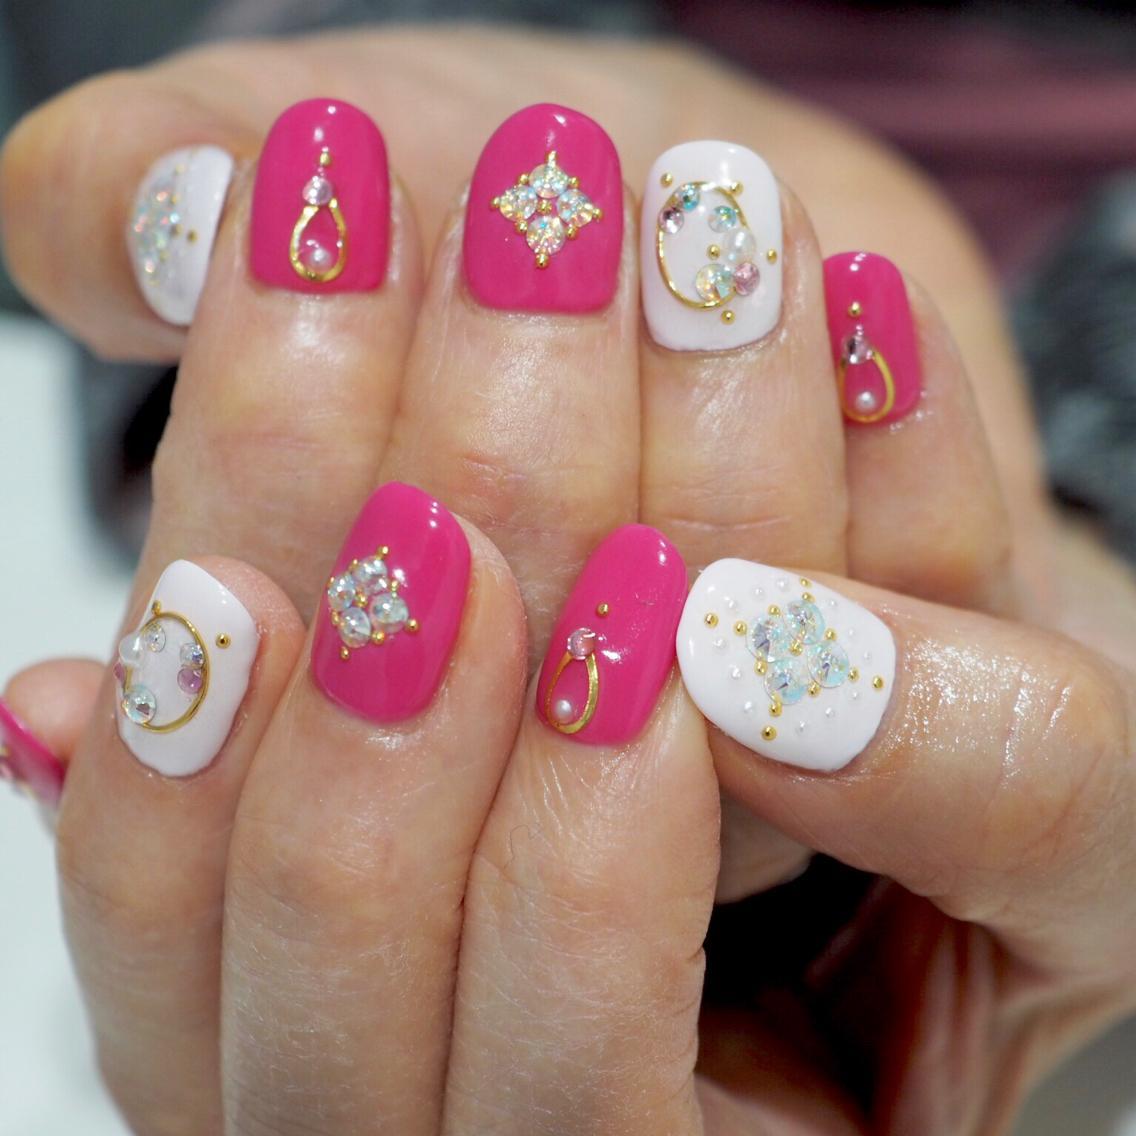 #ネイル キラキラ可愛いピンクネイル